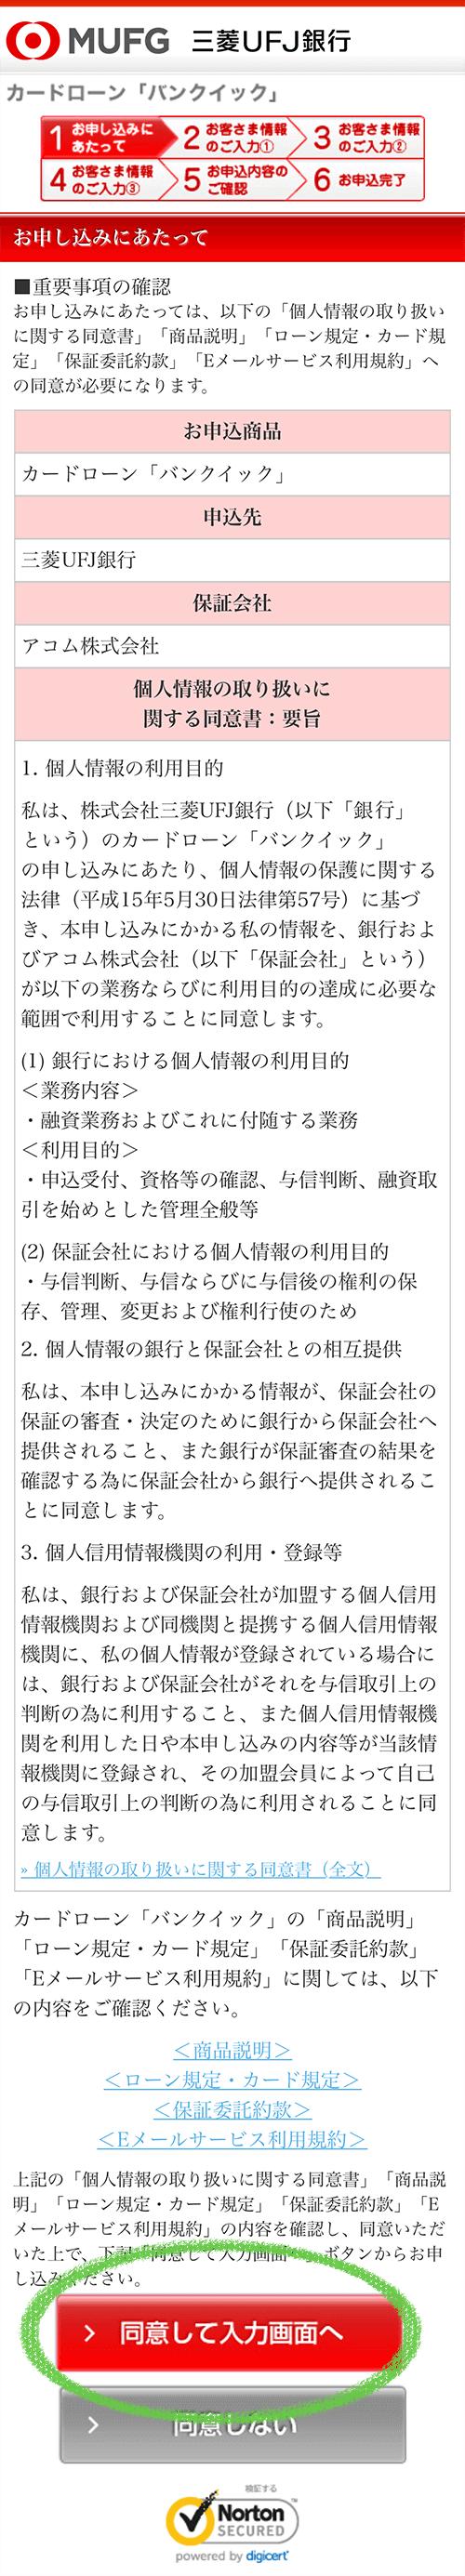 三菱UFJ銀行カードローン-情報の取扱いに関する注意事項